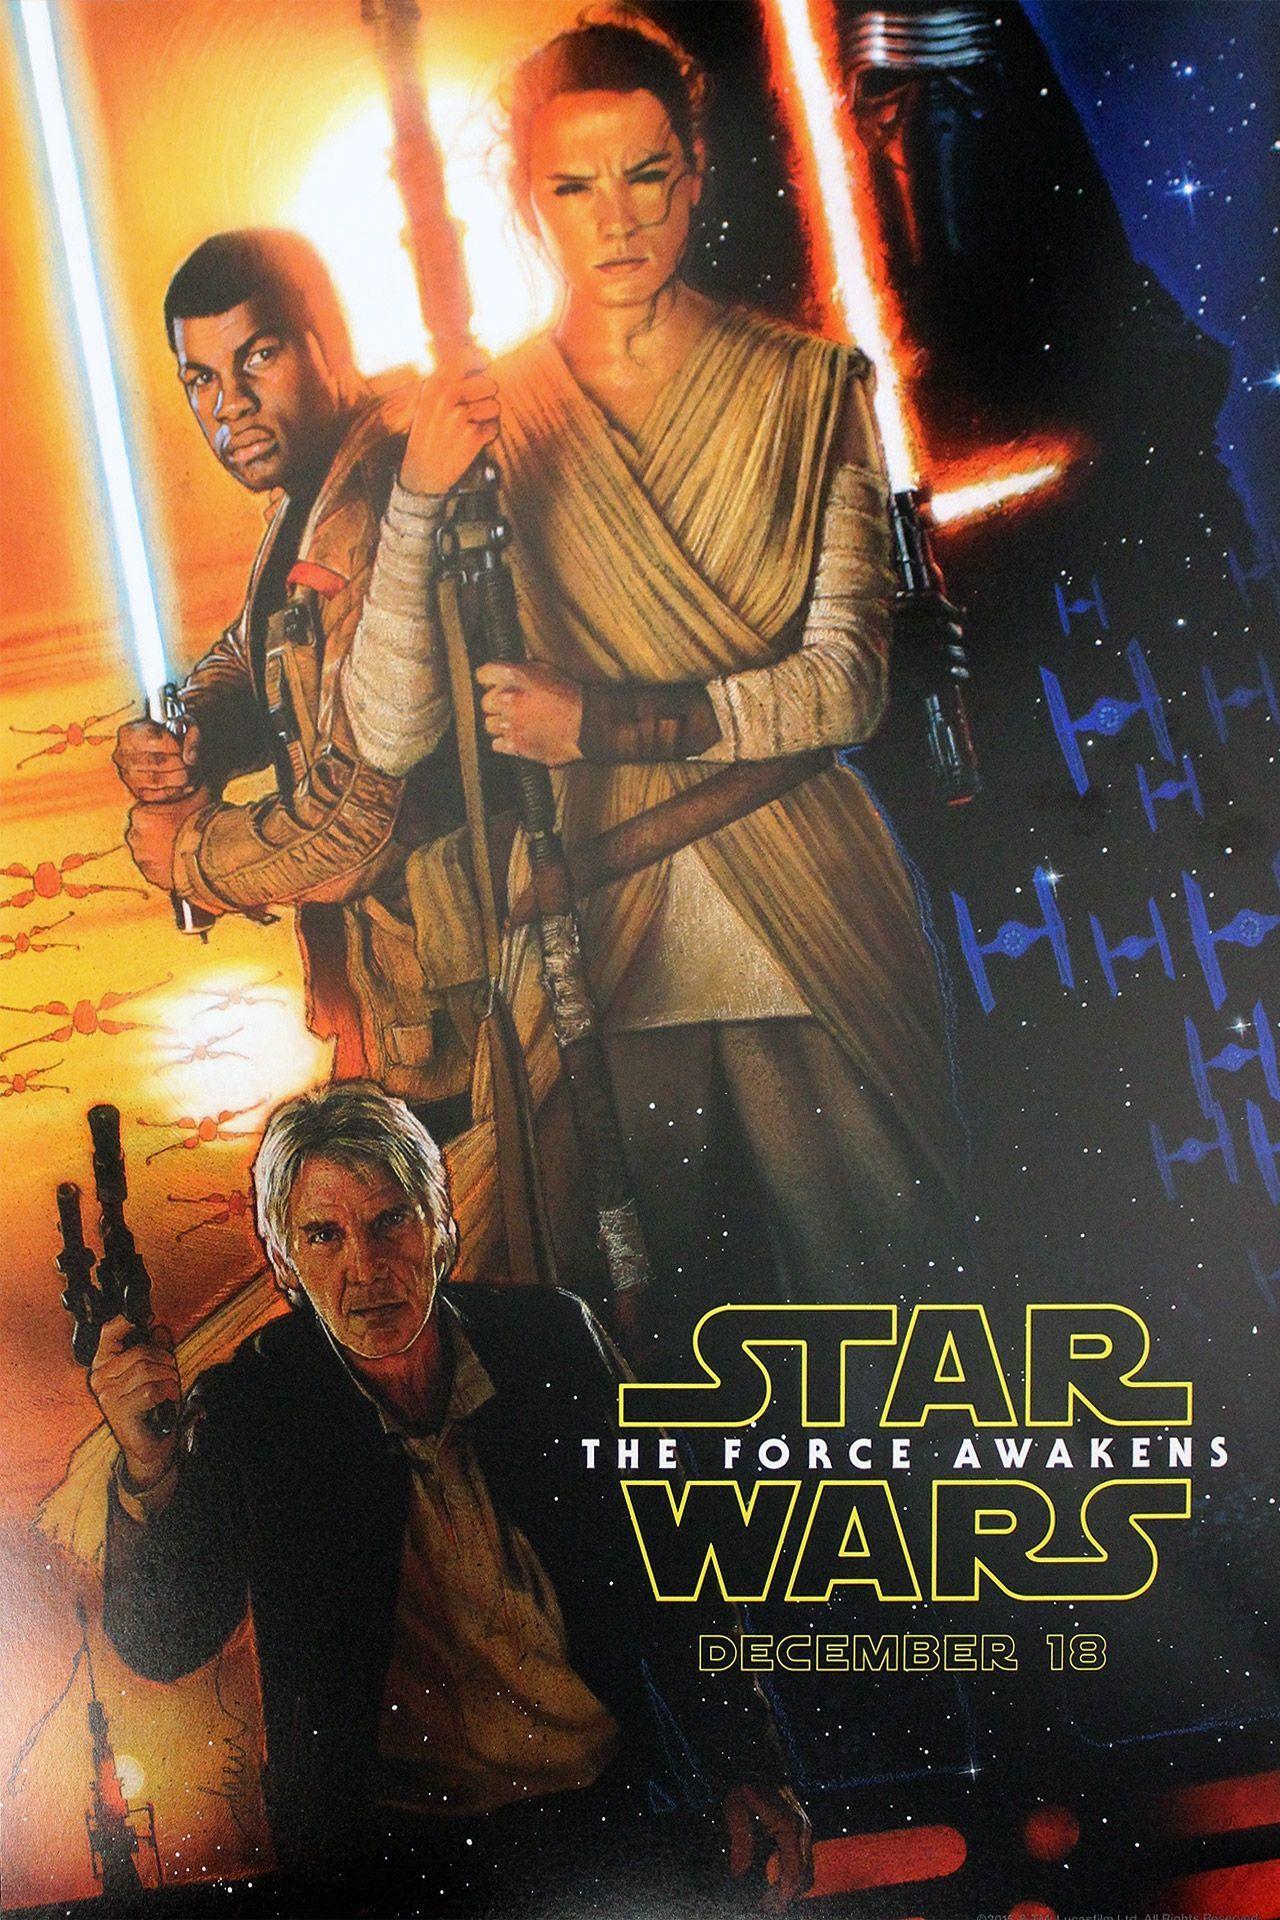 Melhores filmes de sci-fi de 2015 – Star Wars